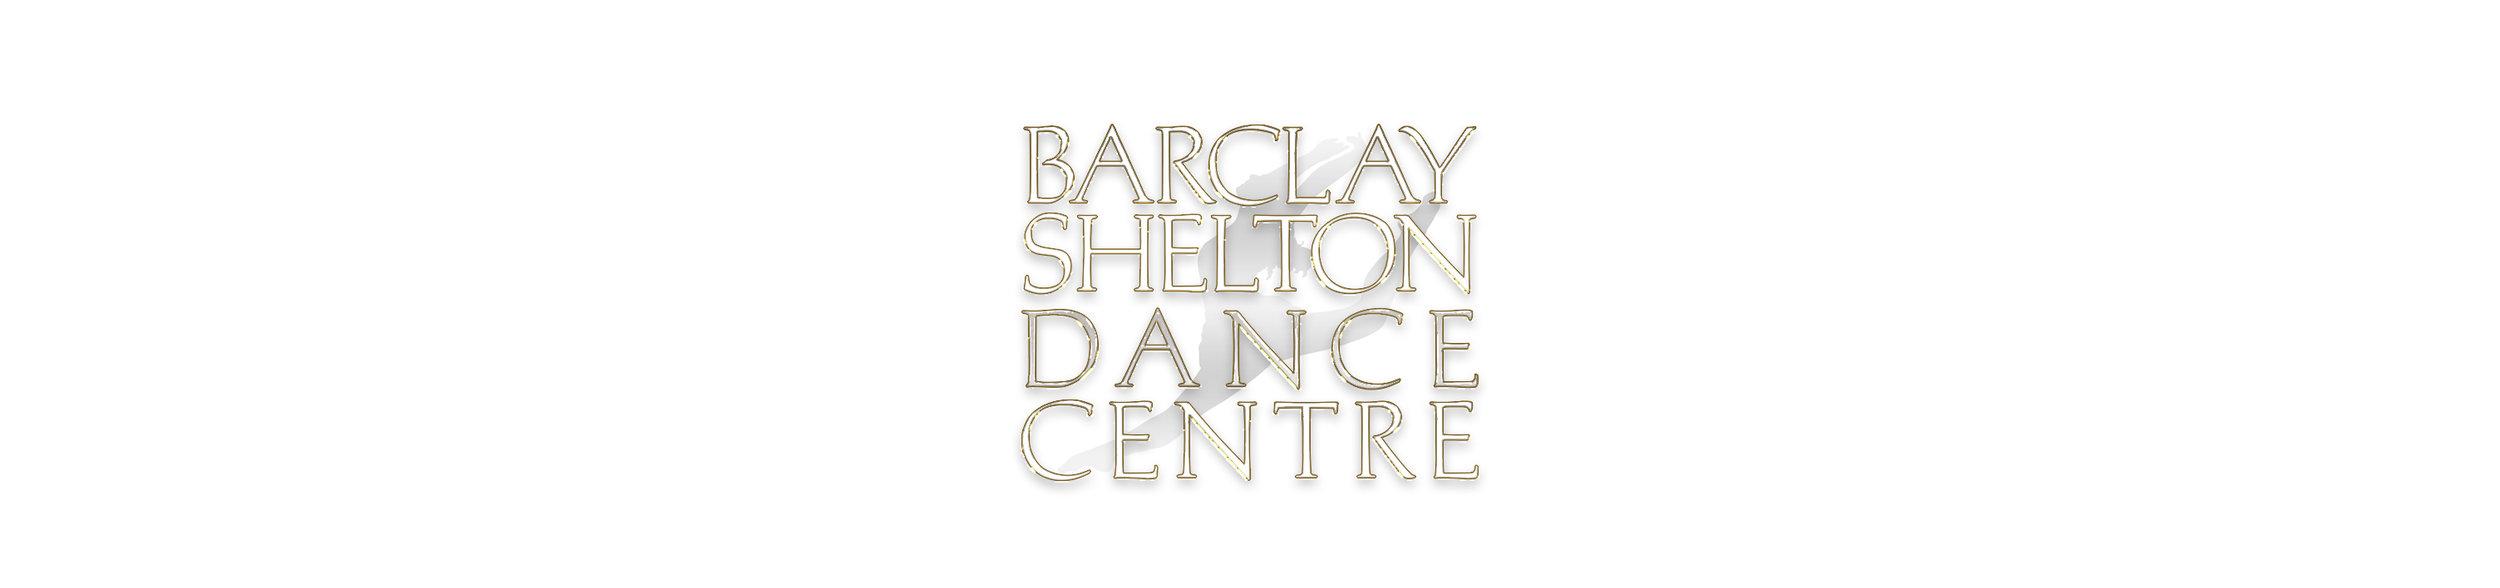 BarclaySheltonDance.jpg